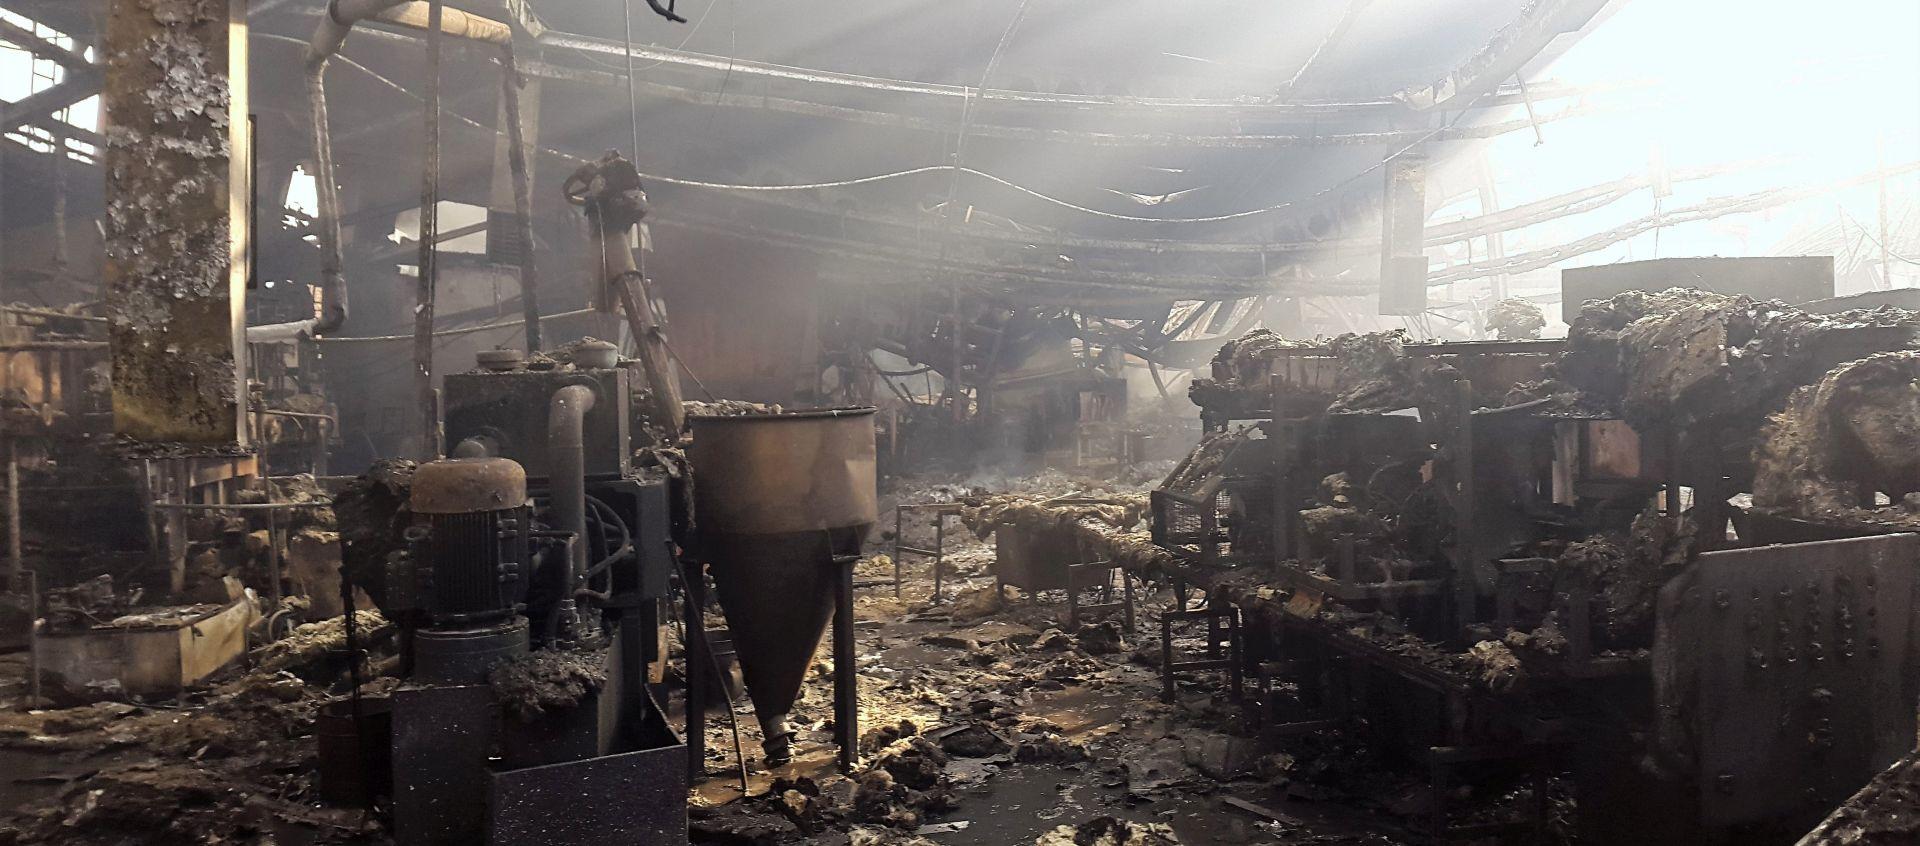 Policija utvrdila uzrok požara koji je 'progutao' tvornicu u Otočcu